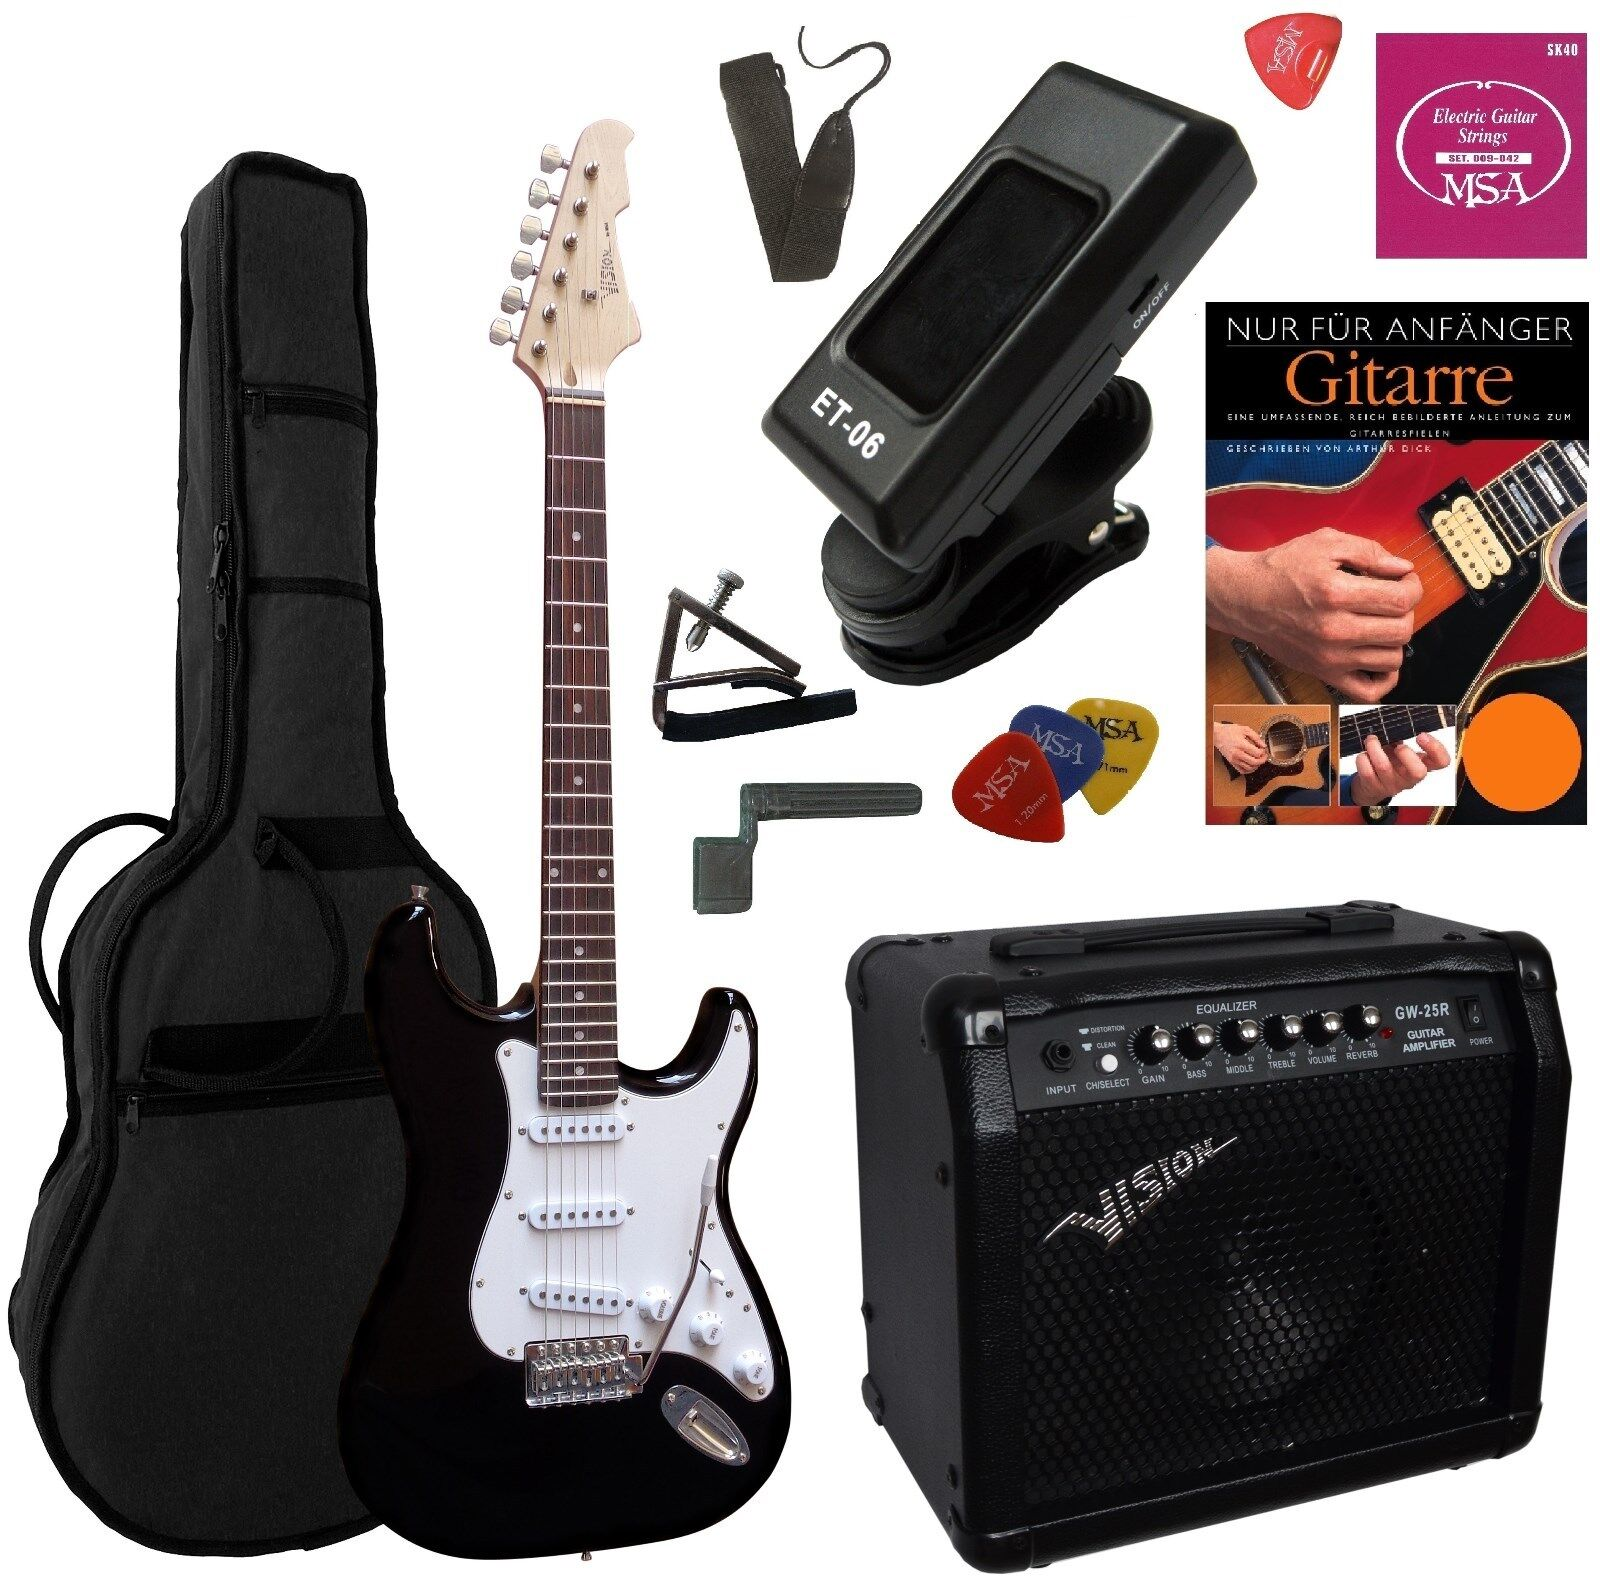 E-guitarra set set set 10-piezas + amplificador 45 vatios + bolsa-Starter Set-voz-gw25r  aquí tiene la última